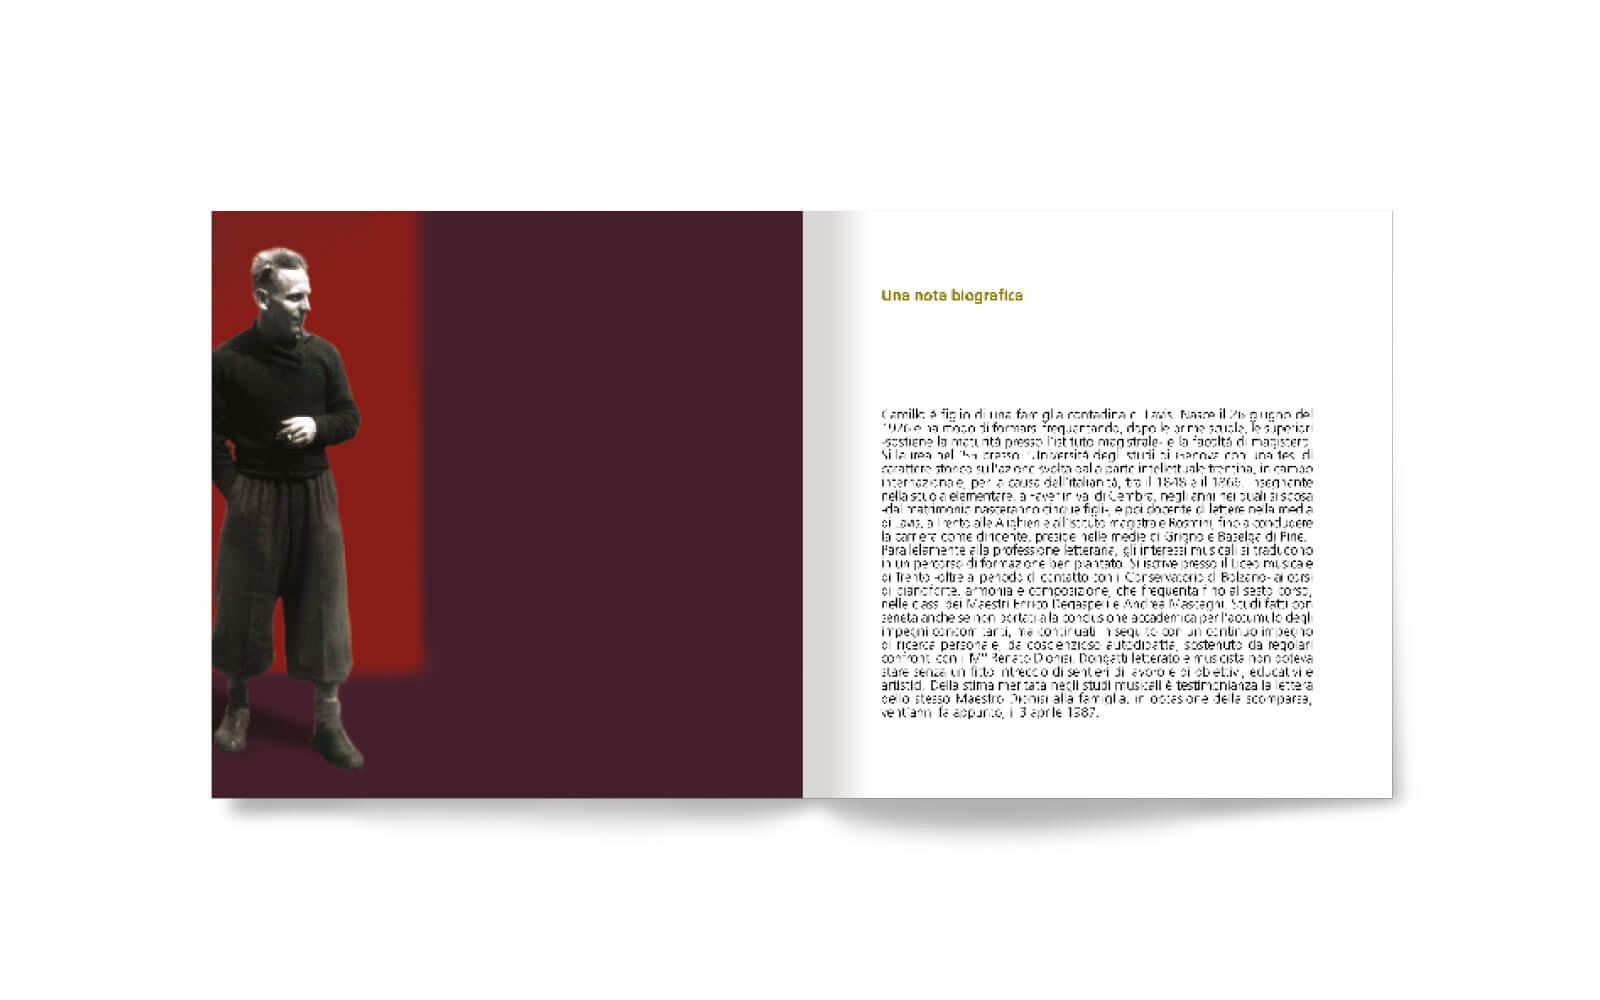 pagine libretto interno per juwel box e cd, progetto grafico diade studio arco trento